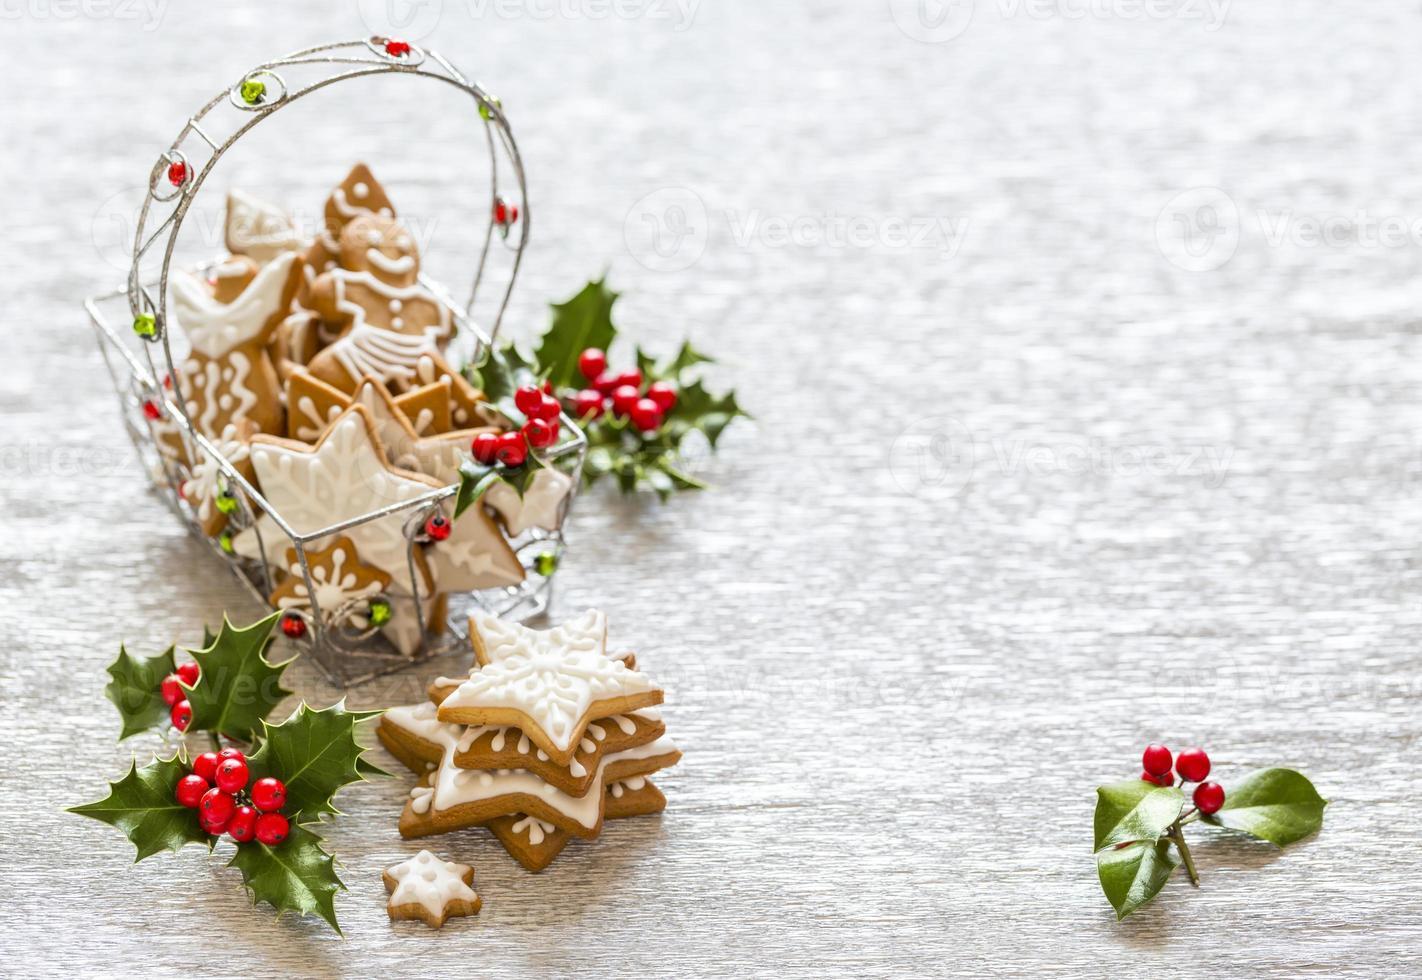 decoração de Natal de gengibre e azevinho ramo foto